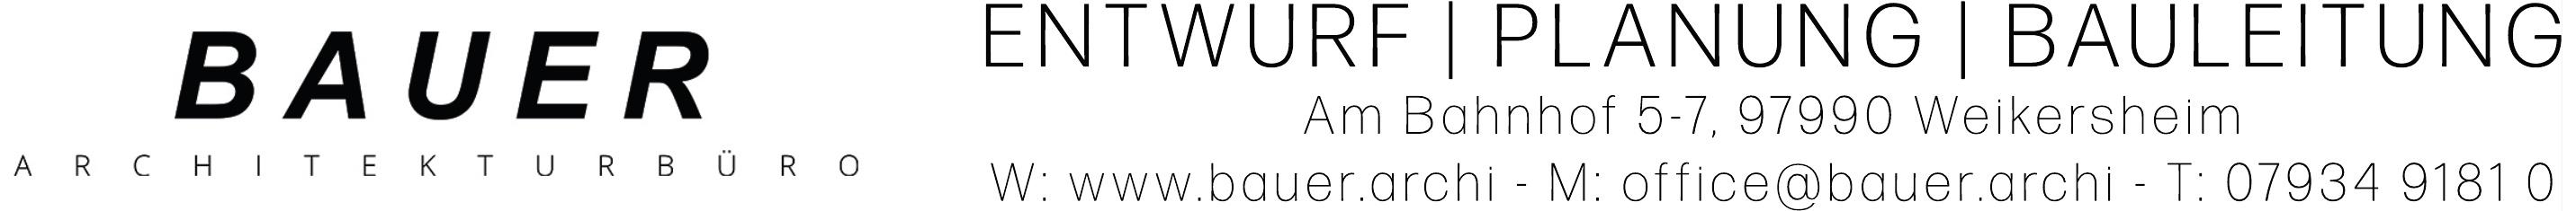 Bauer Architekturbüro